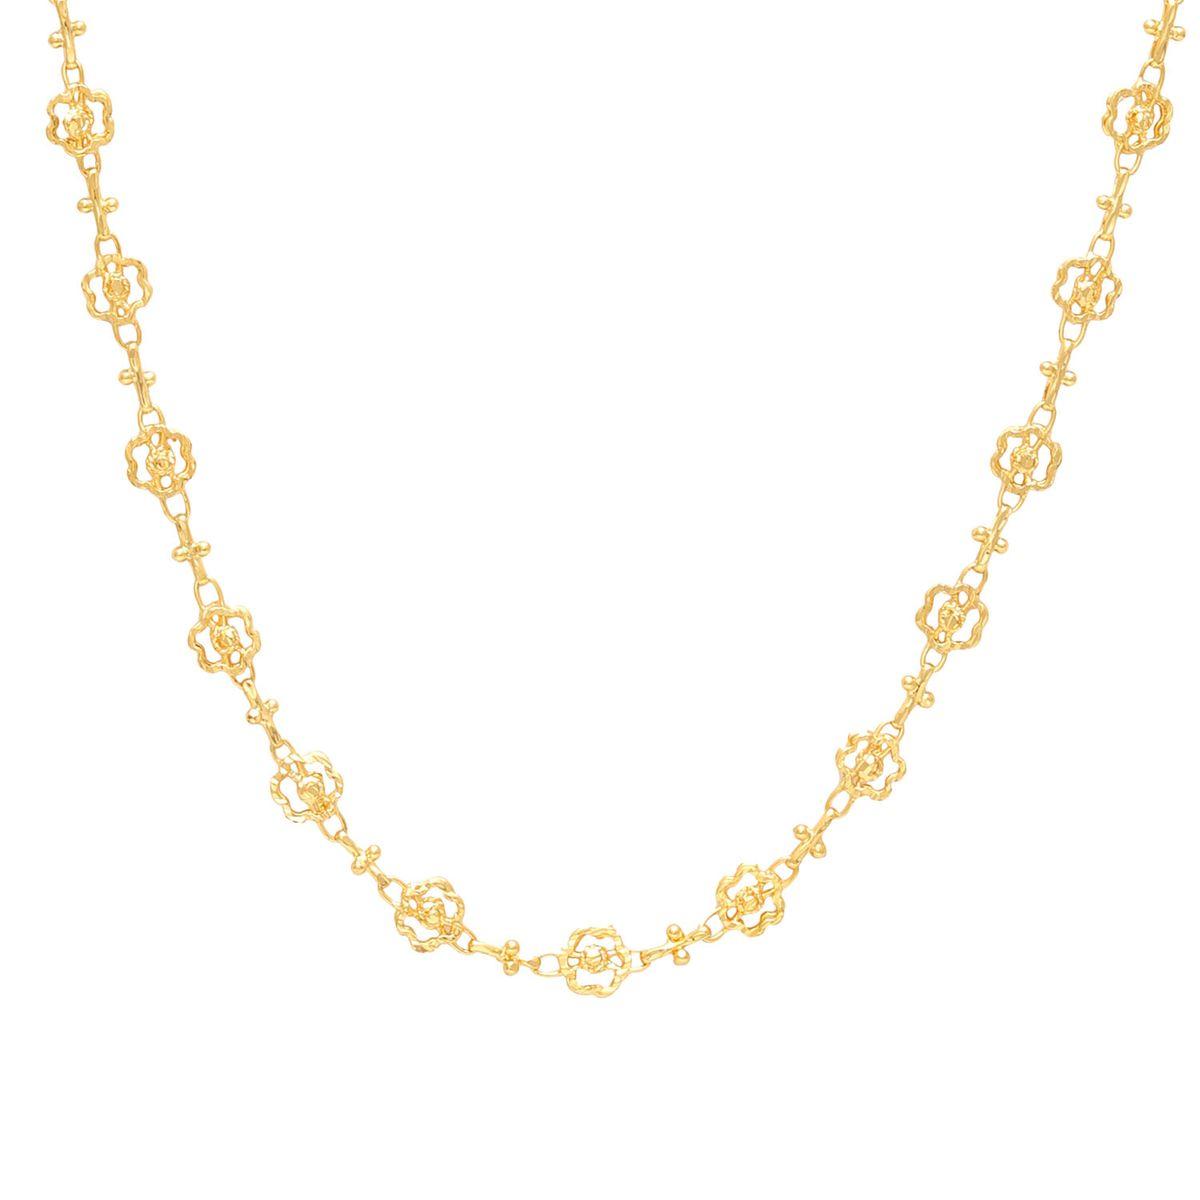 Memoir Brass Gold flower shape handmade chain necklace Women